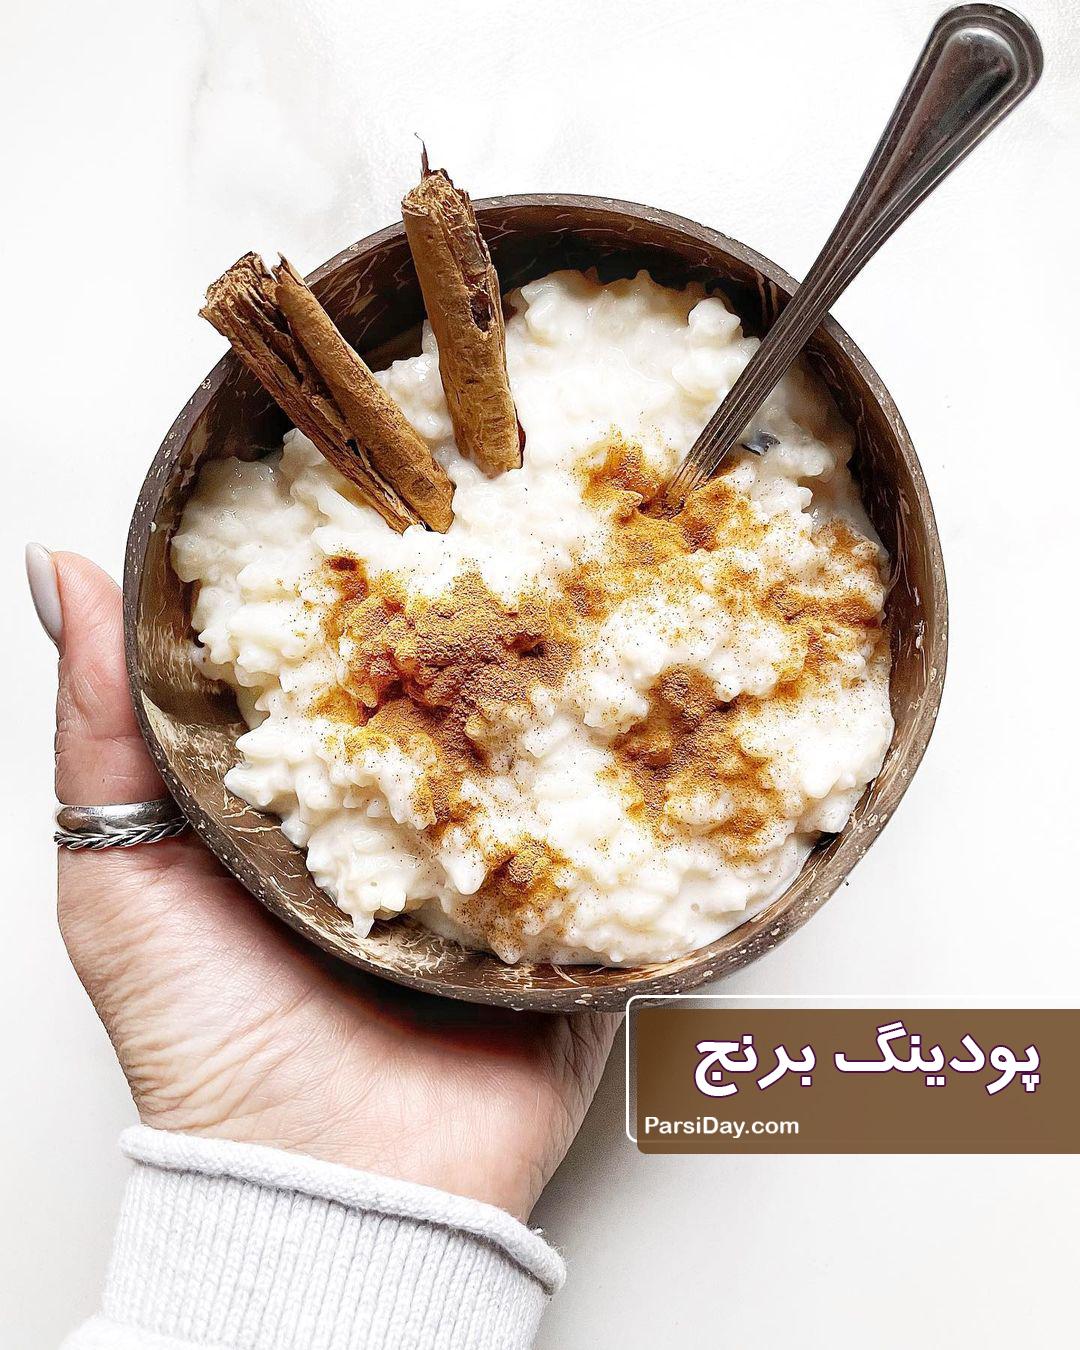 طرز تهیه پودینگ برنج، دسر خوشمزه و مقوی ترکی برای کودکان